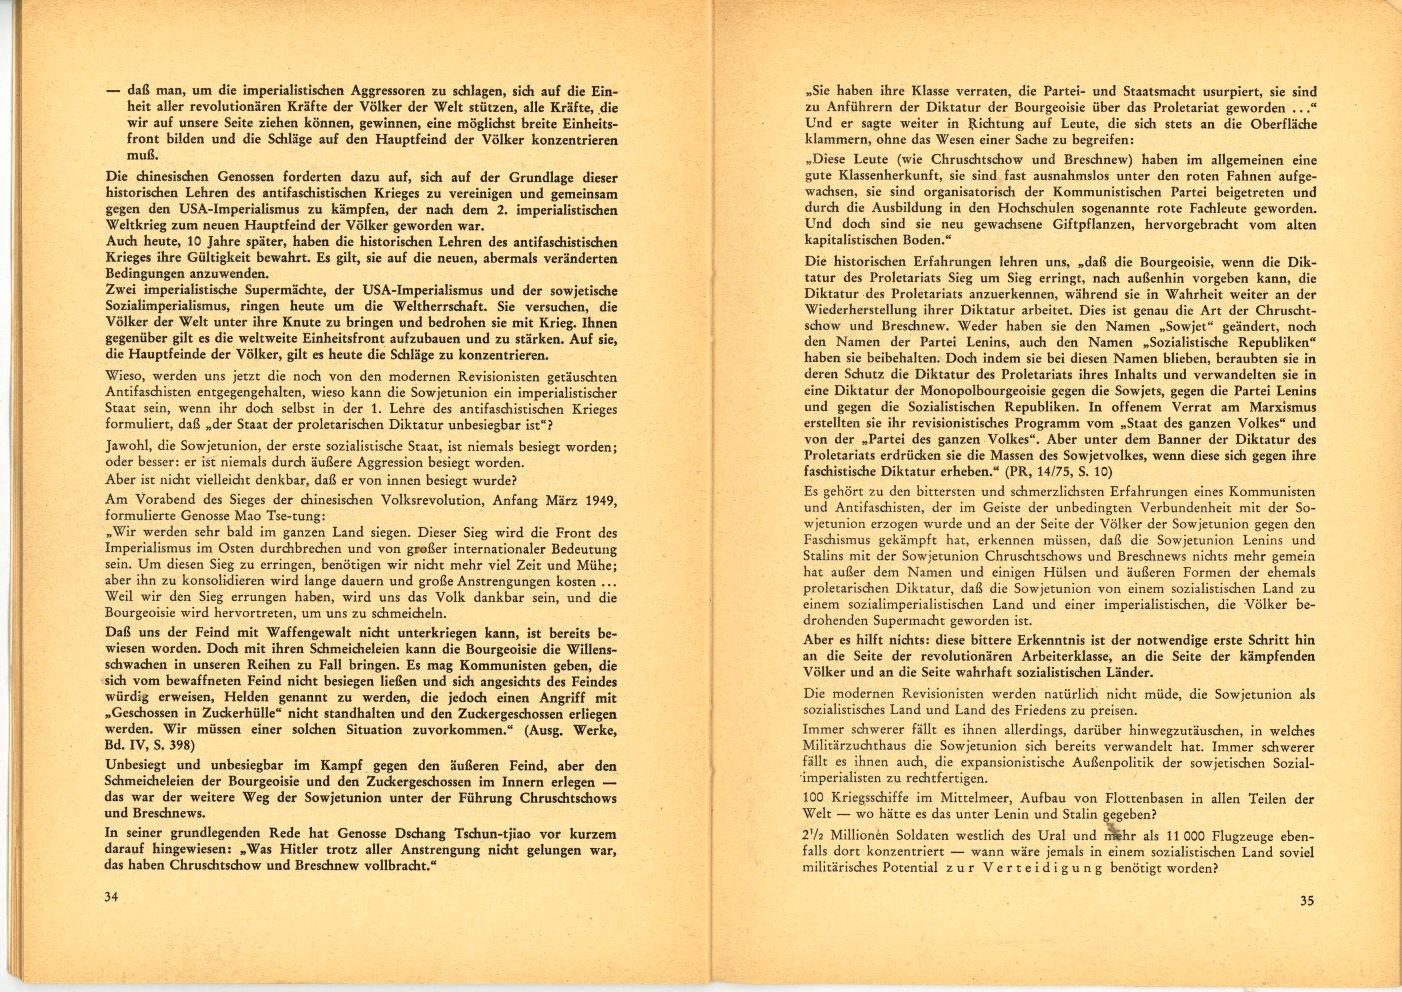 KPDAO_1975_30_Jahrestag_der_Befreiung_vom_Faschismus_19